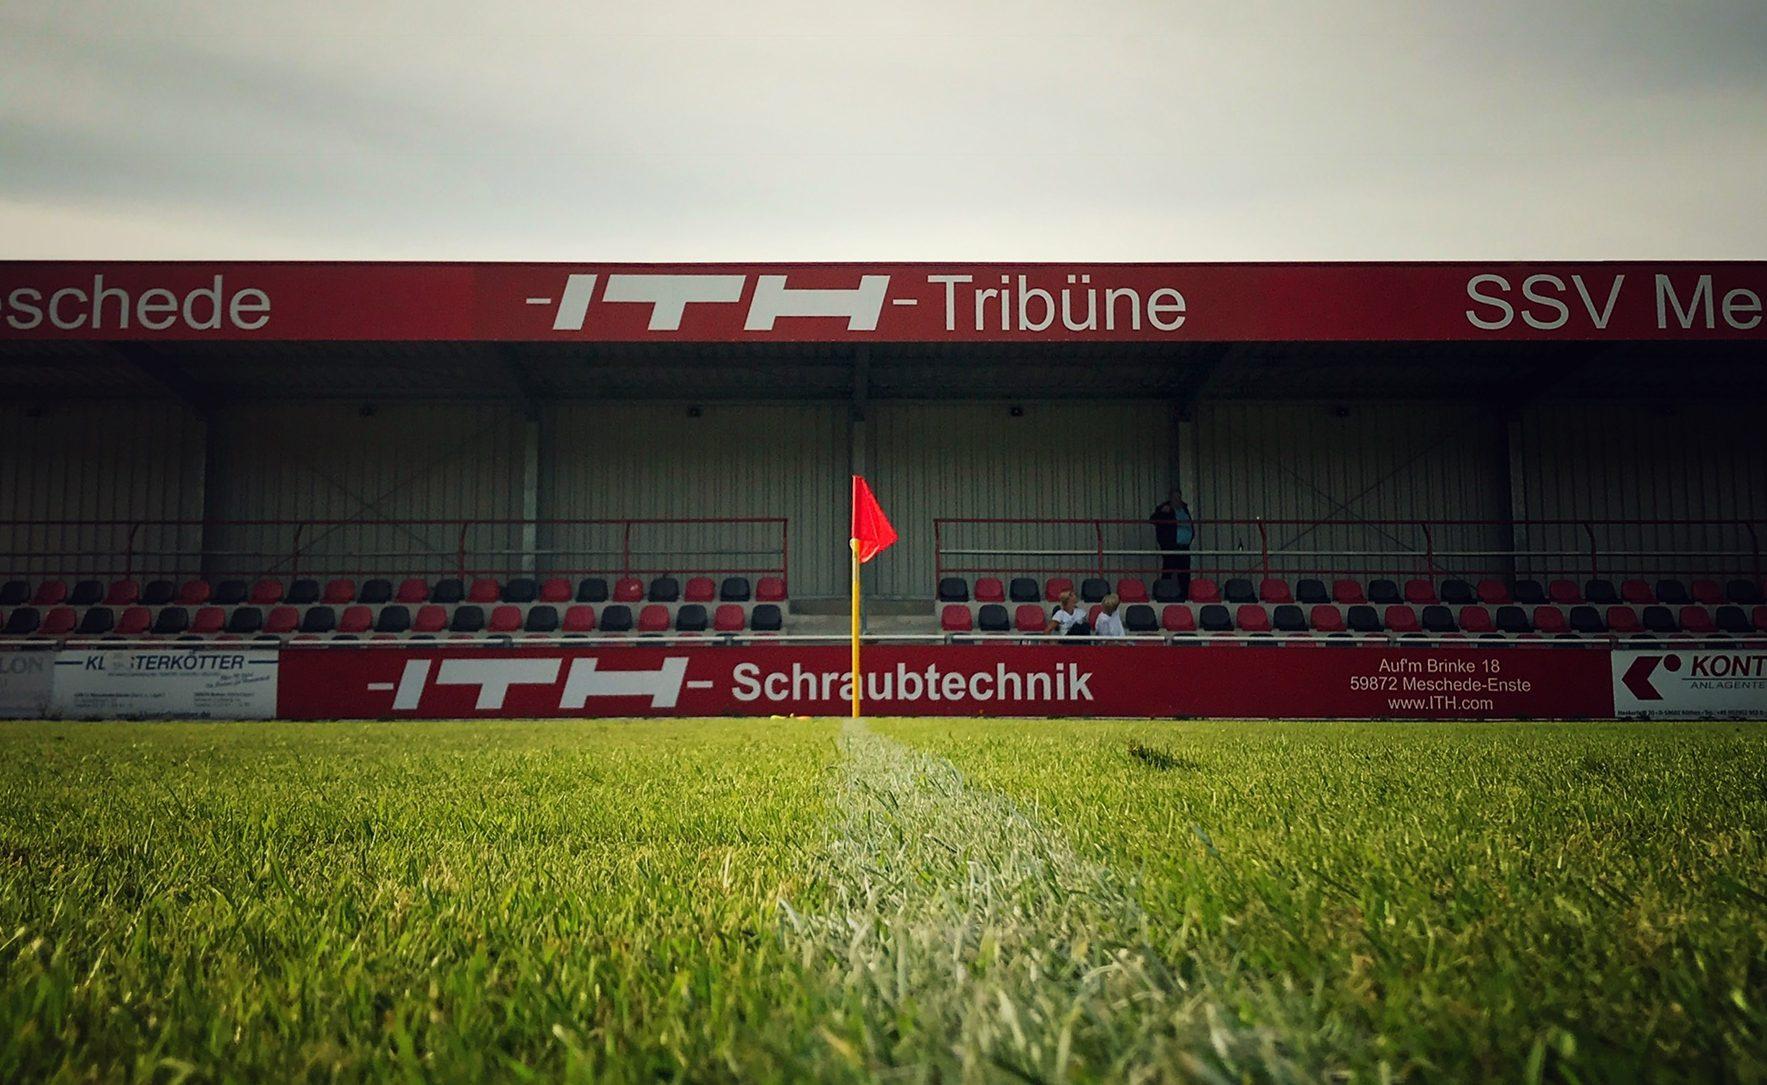 Meschede – Dünnefeld-Stadion